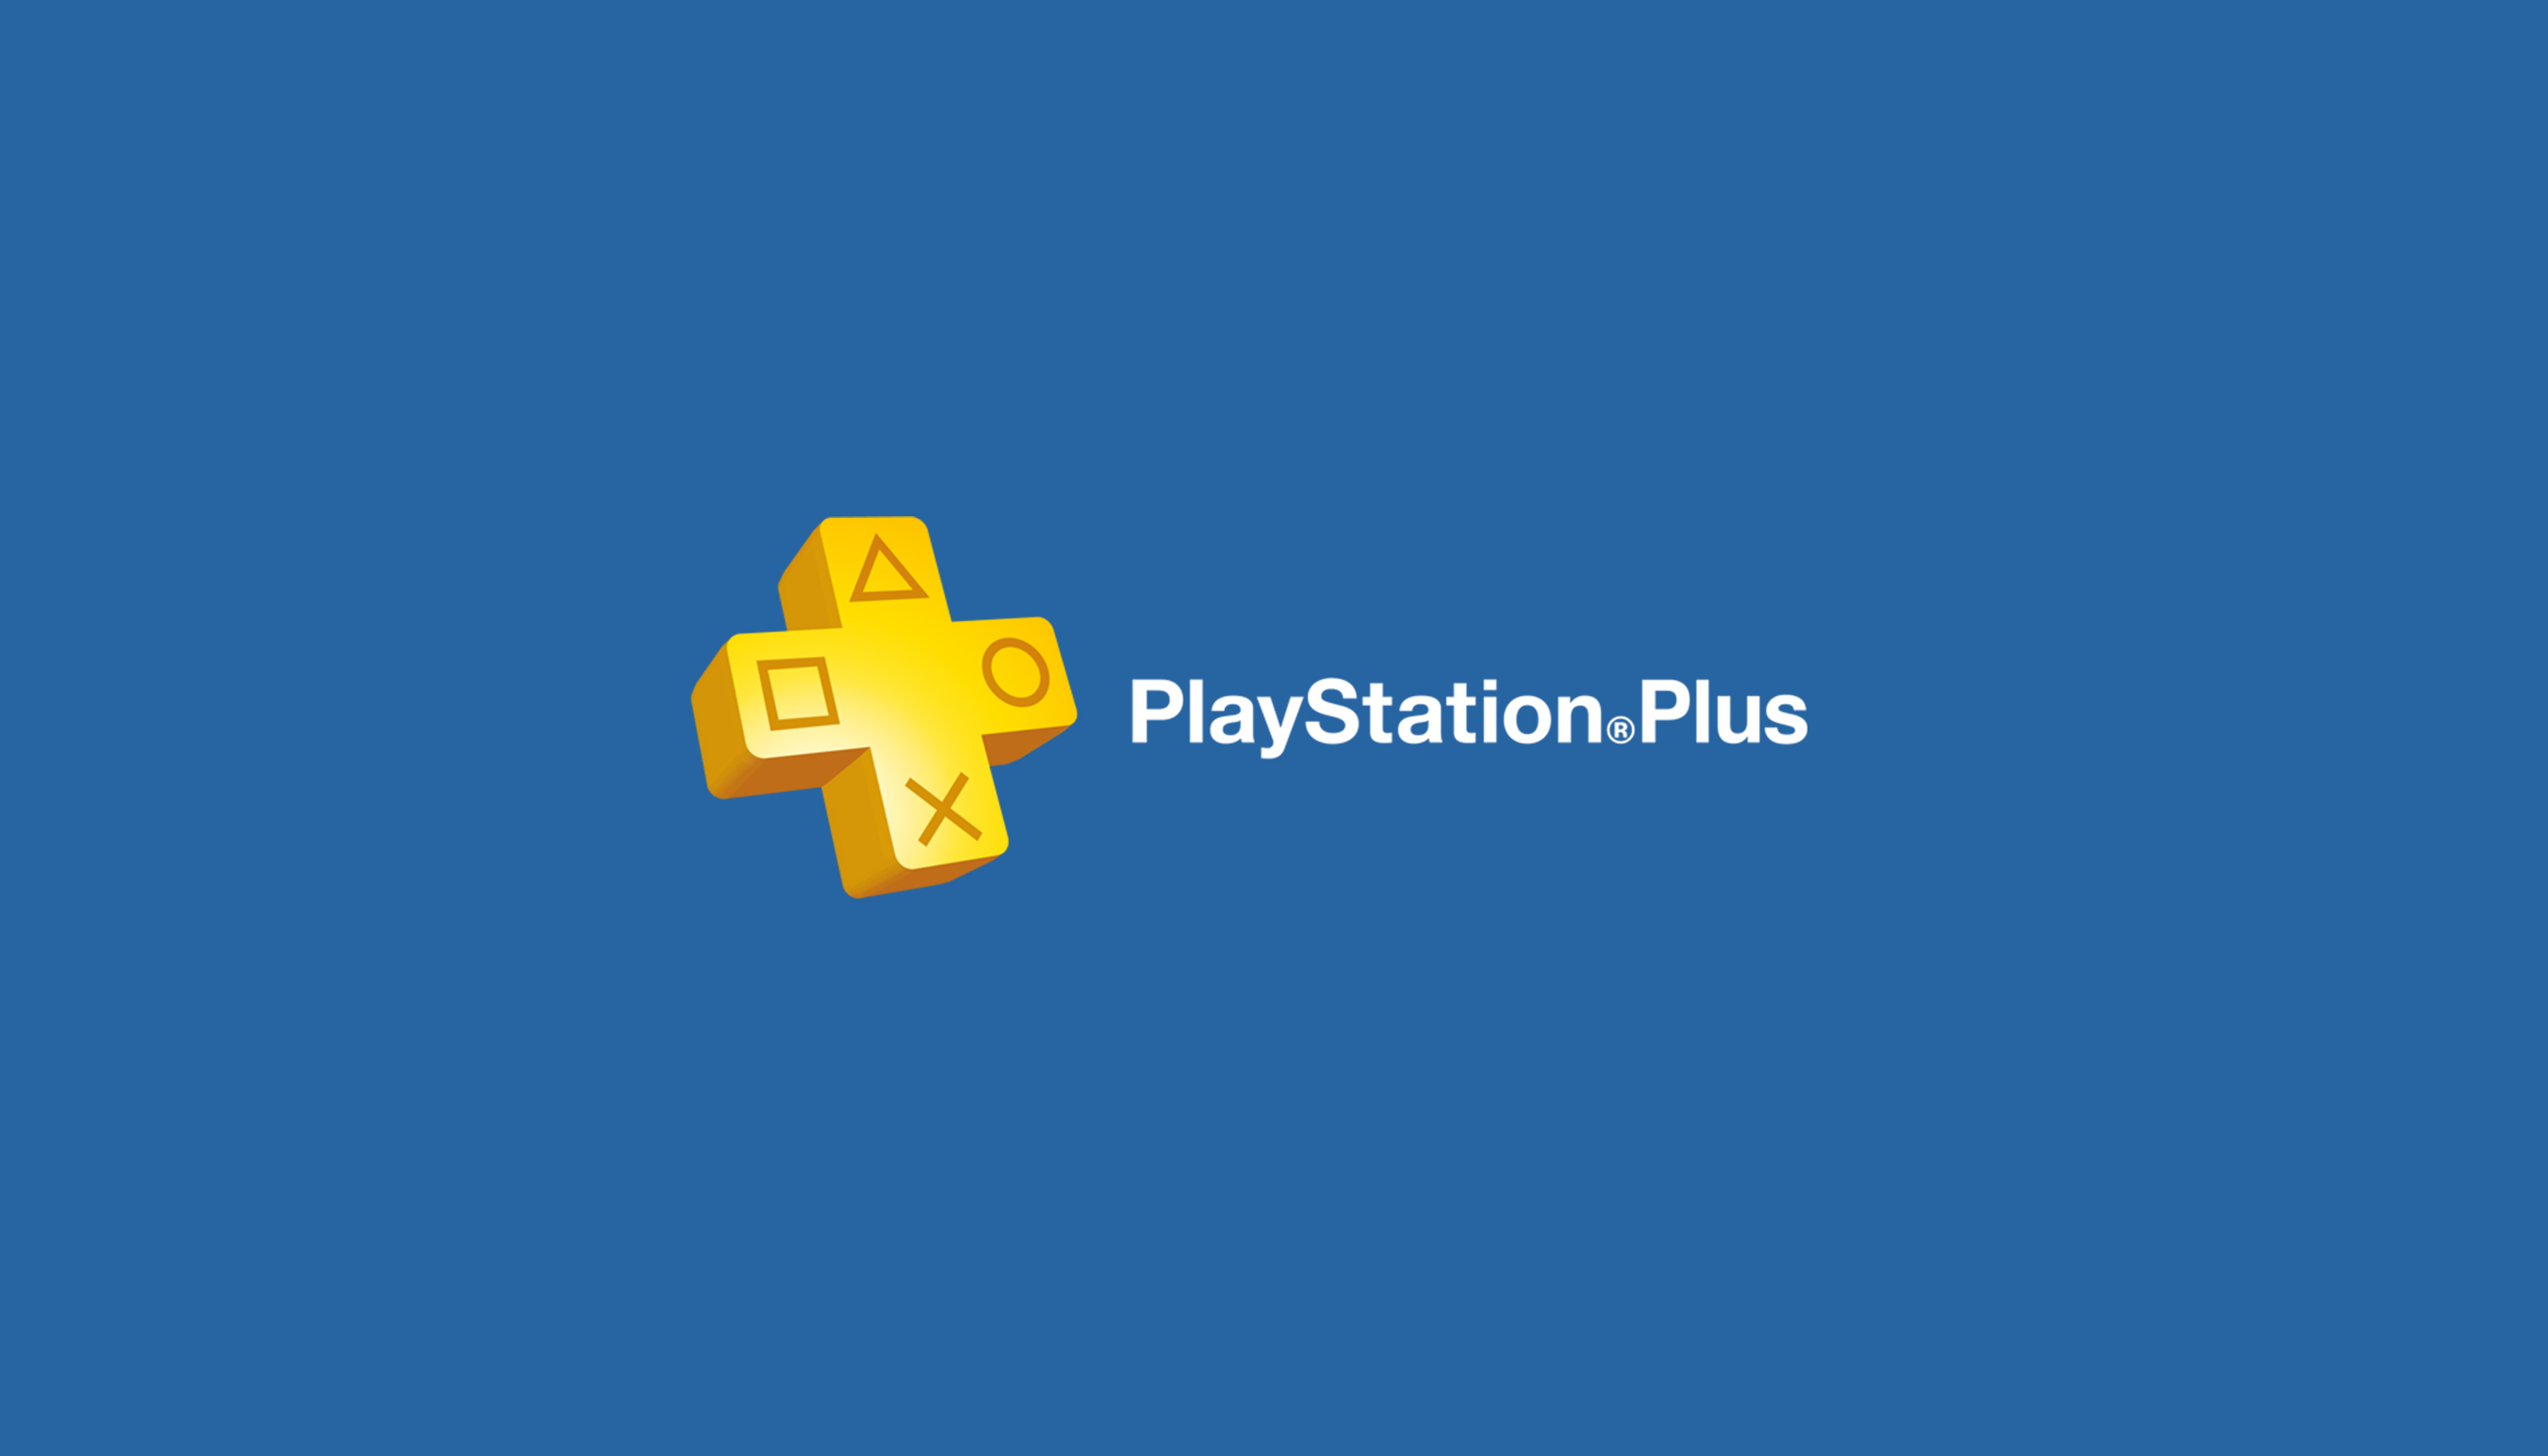 Nie tylko Call of Duty gracz żyje. Sony ujawniło drugą grę z czerwcowego PlayStation Plus 21